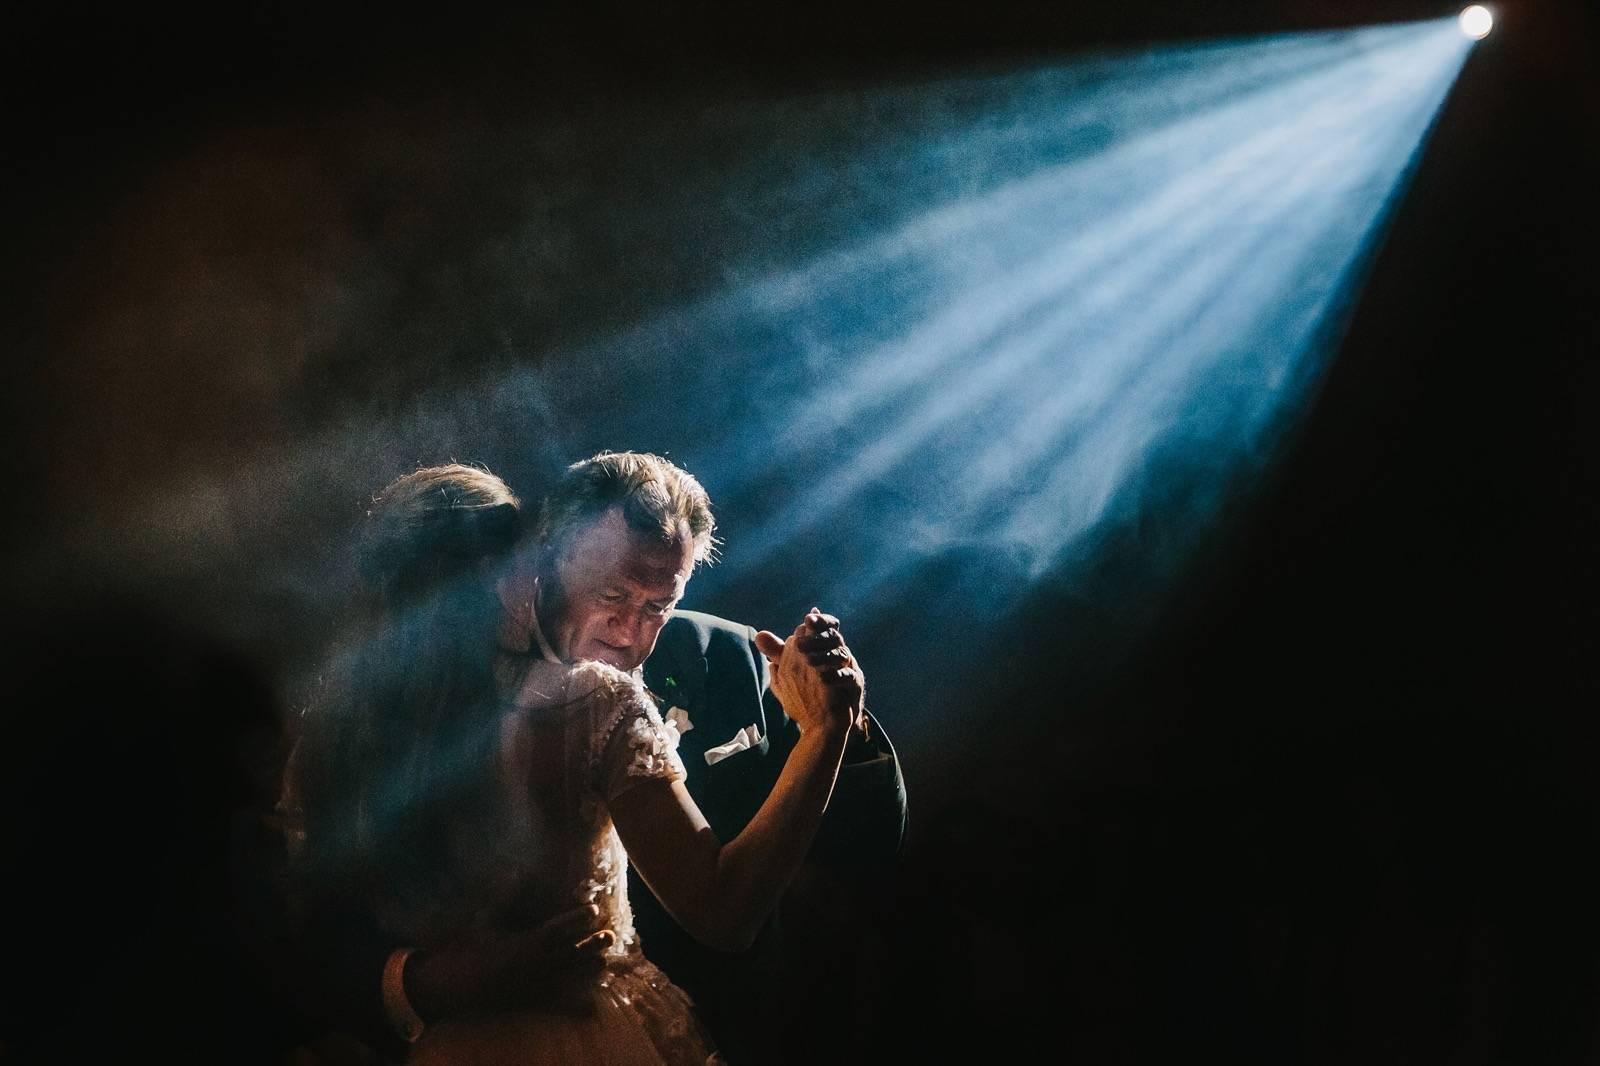 Yves Schepers Photography - Fotograaf - Huwelijksfotograaf - Trouwfotograaf - Bruidsfotograaf - House of Weddings - 16